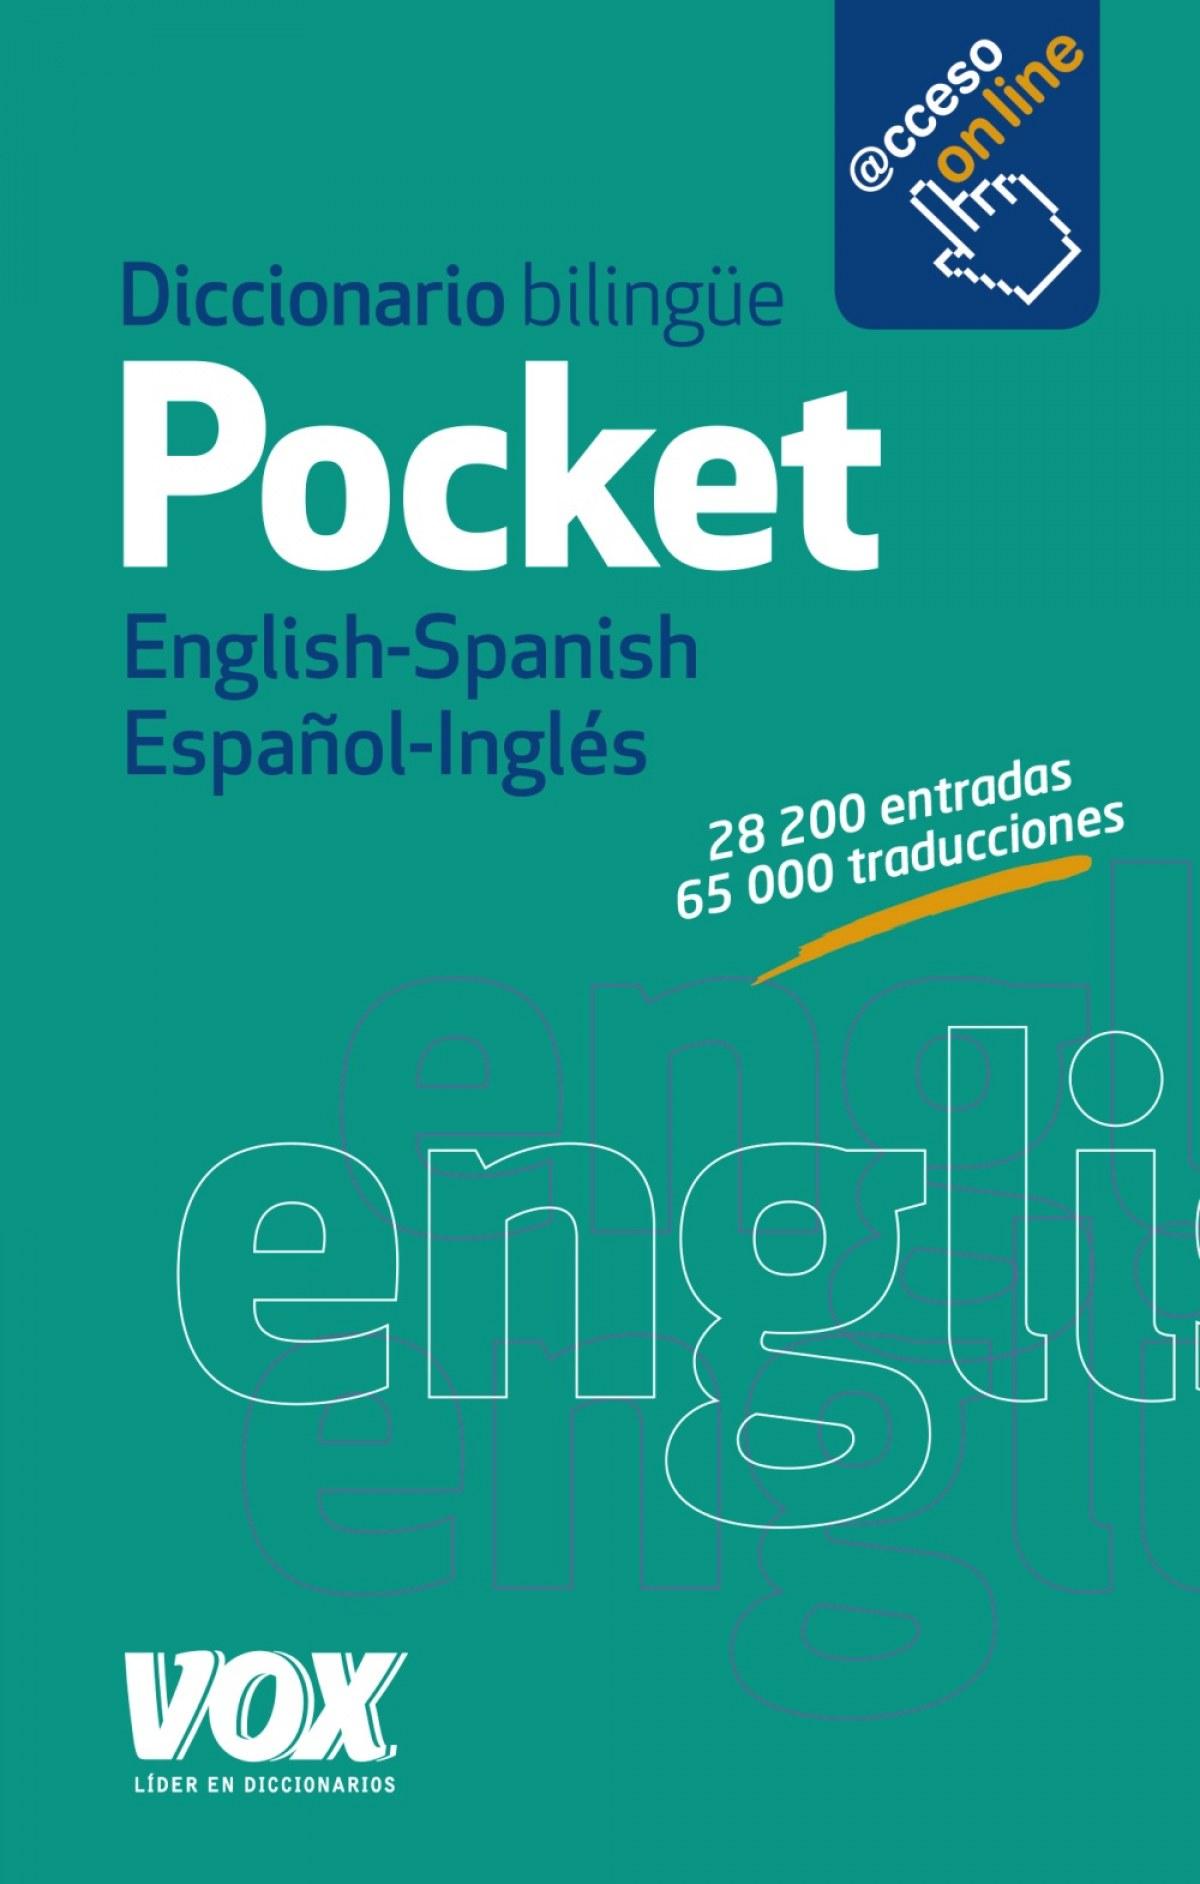 DICCIONARIO POCKET ENGLISH-SPANISH/ESPAñOL-INGLÉS 9788499742090